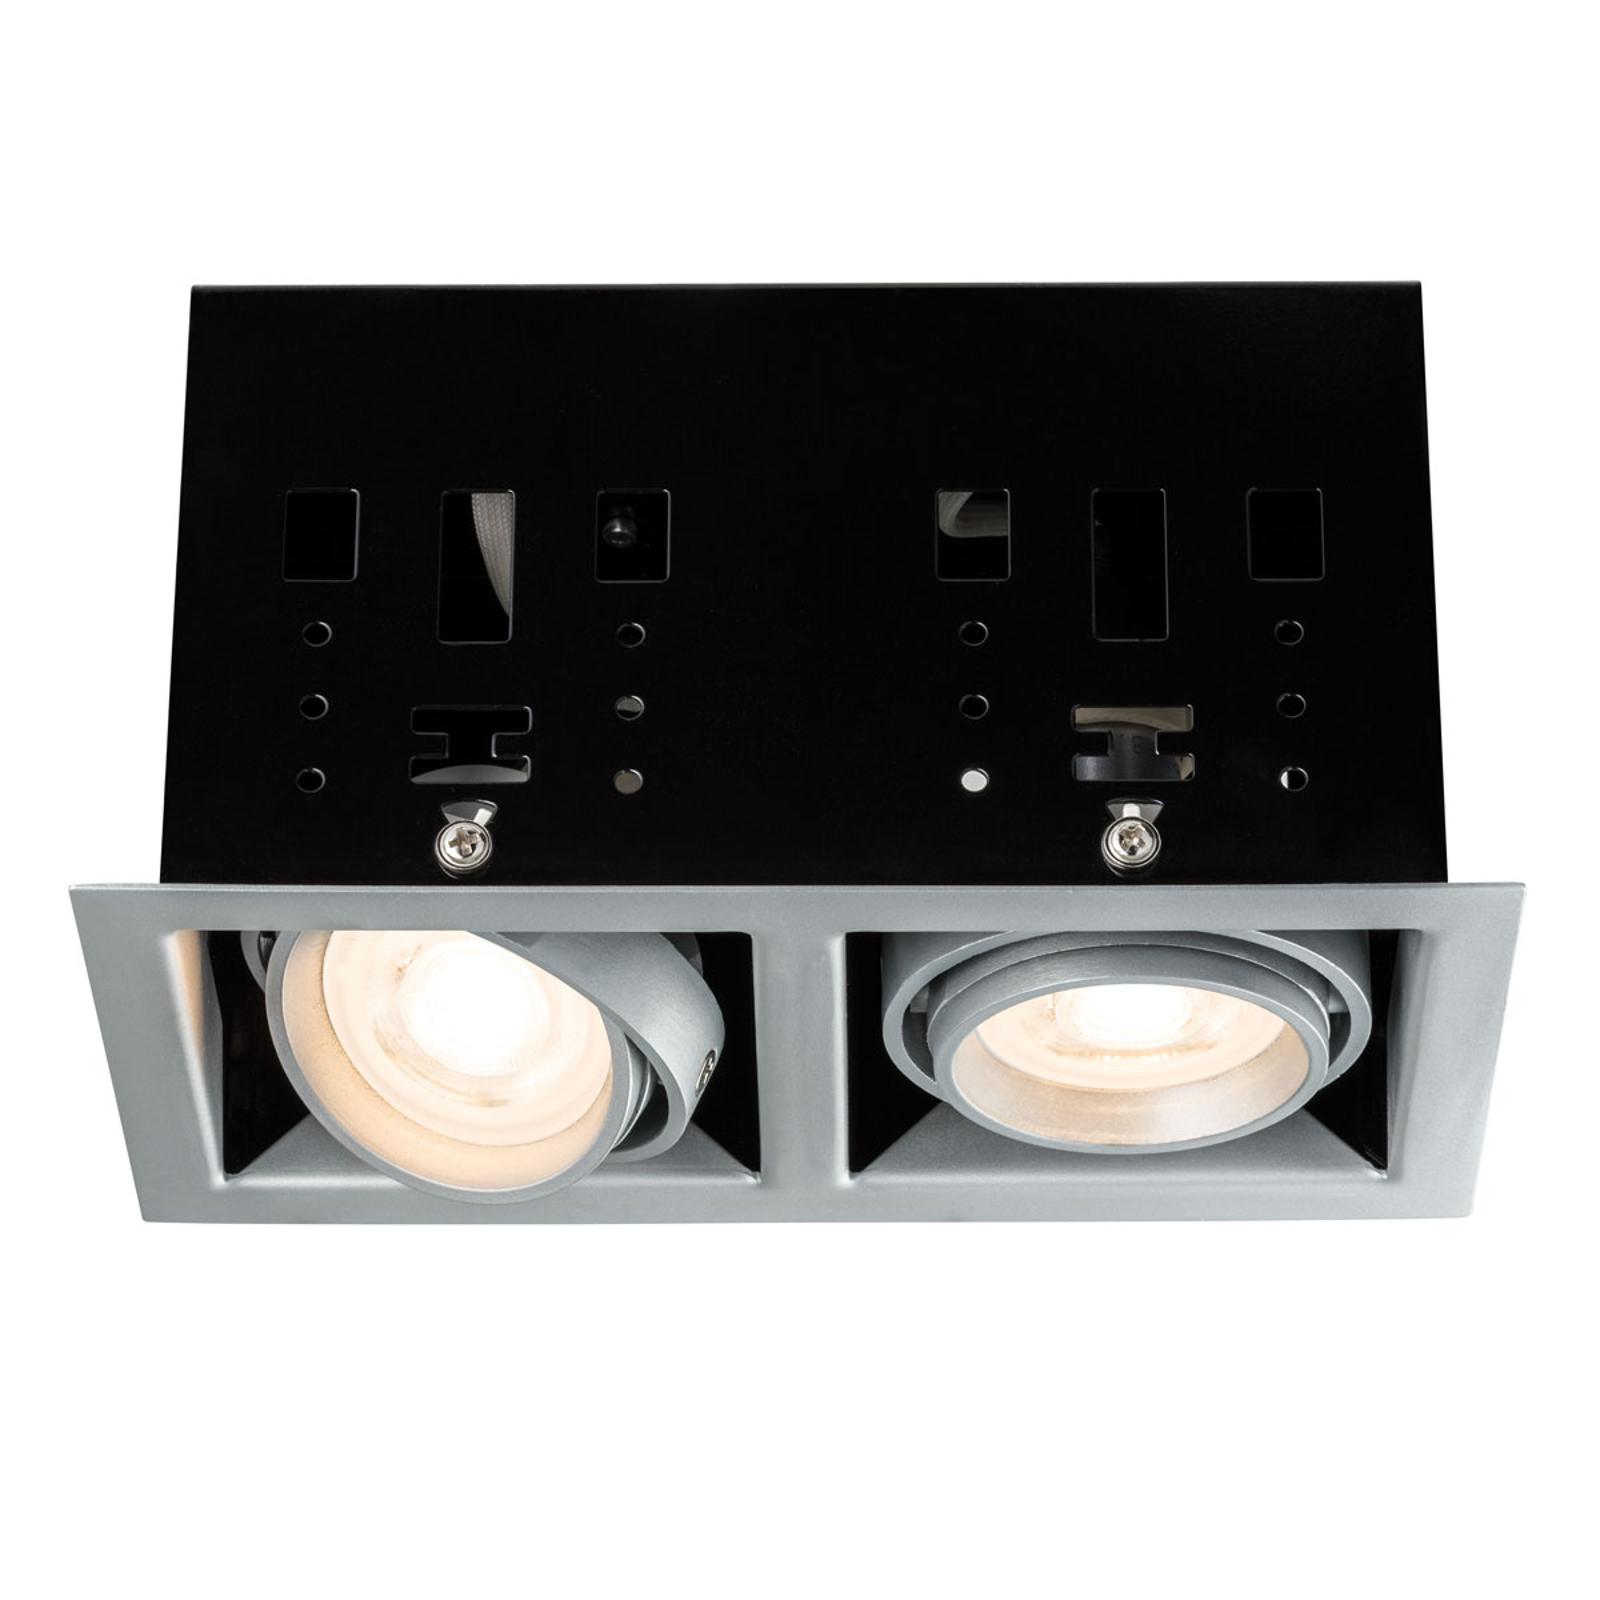 Lampada LED da incasso Cardano, a 2 luci